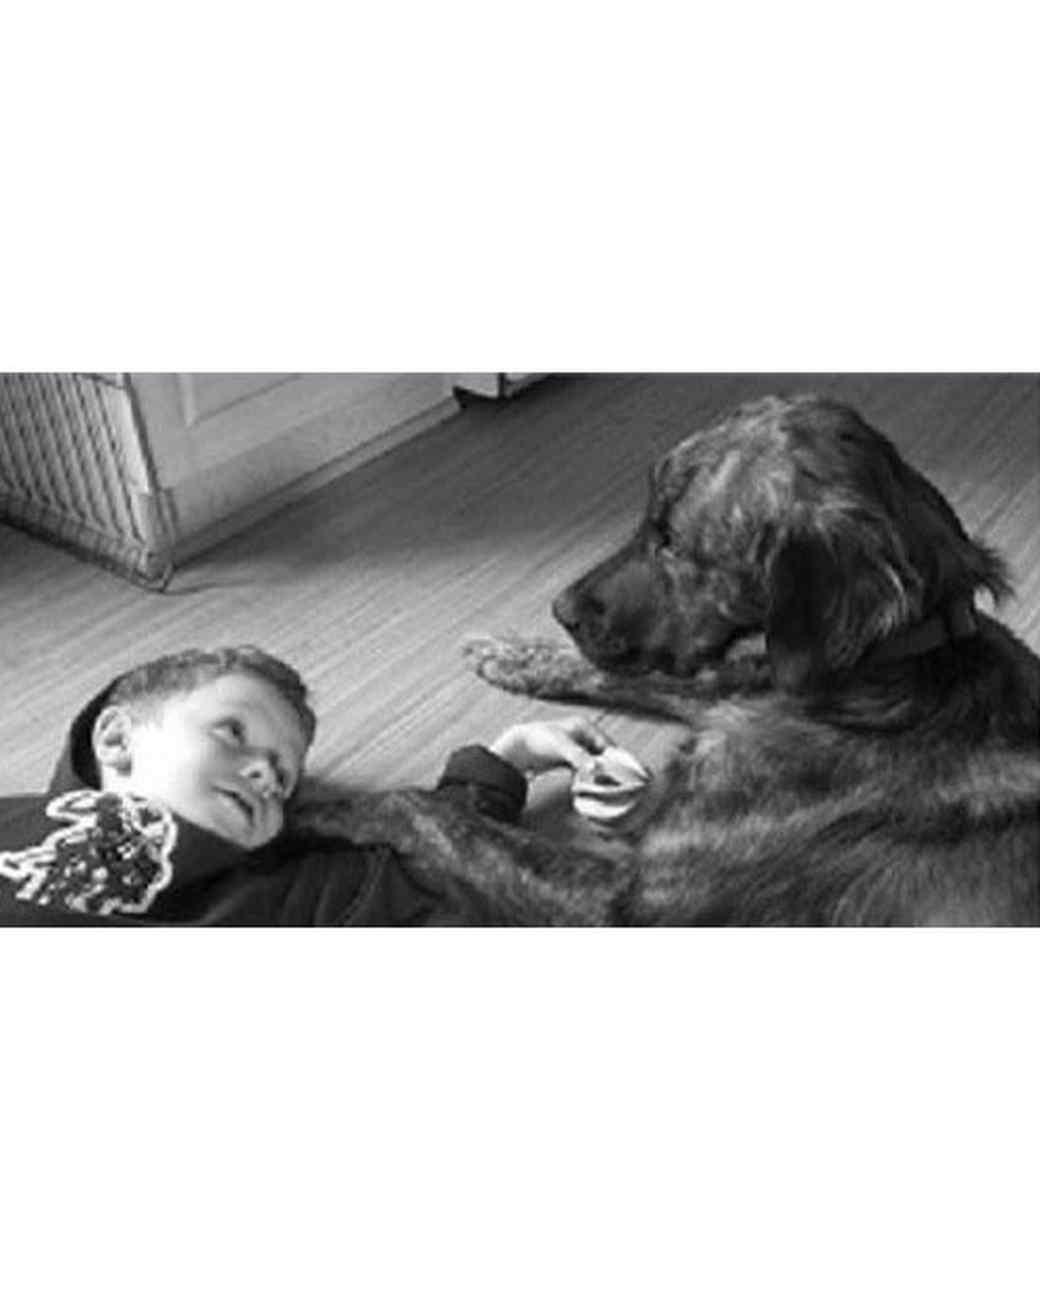 pets-at-play-0311-13130037_30896814.jpg